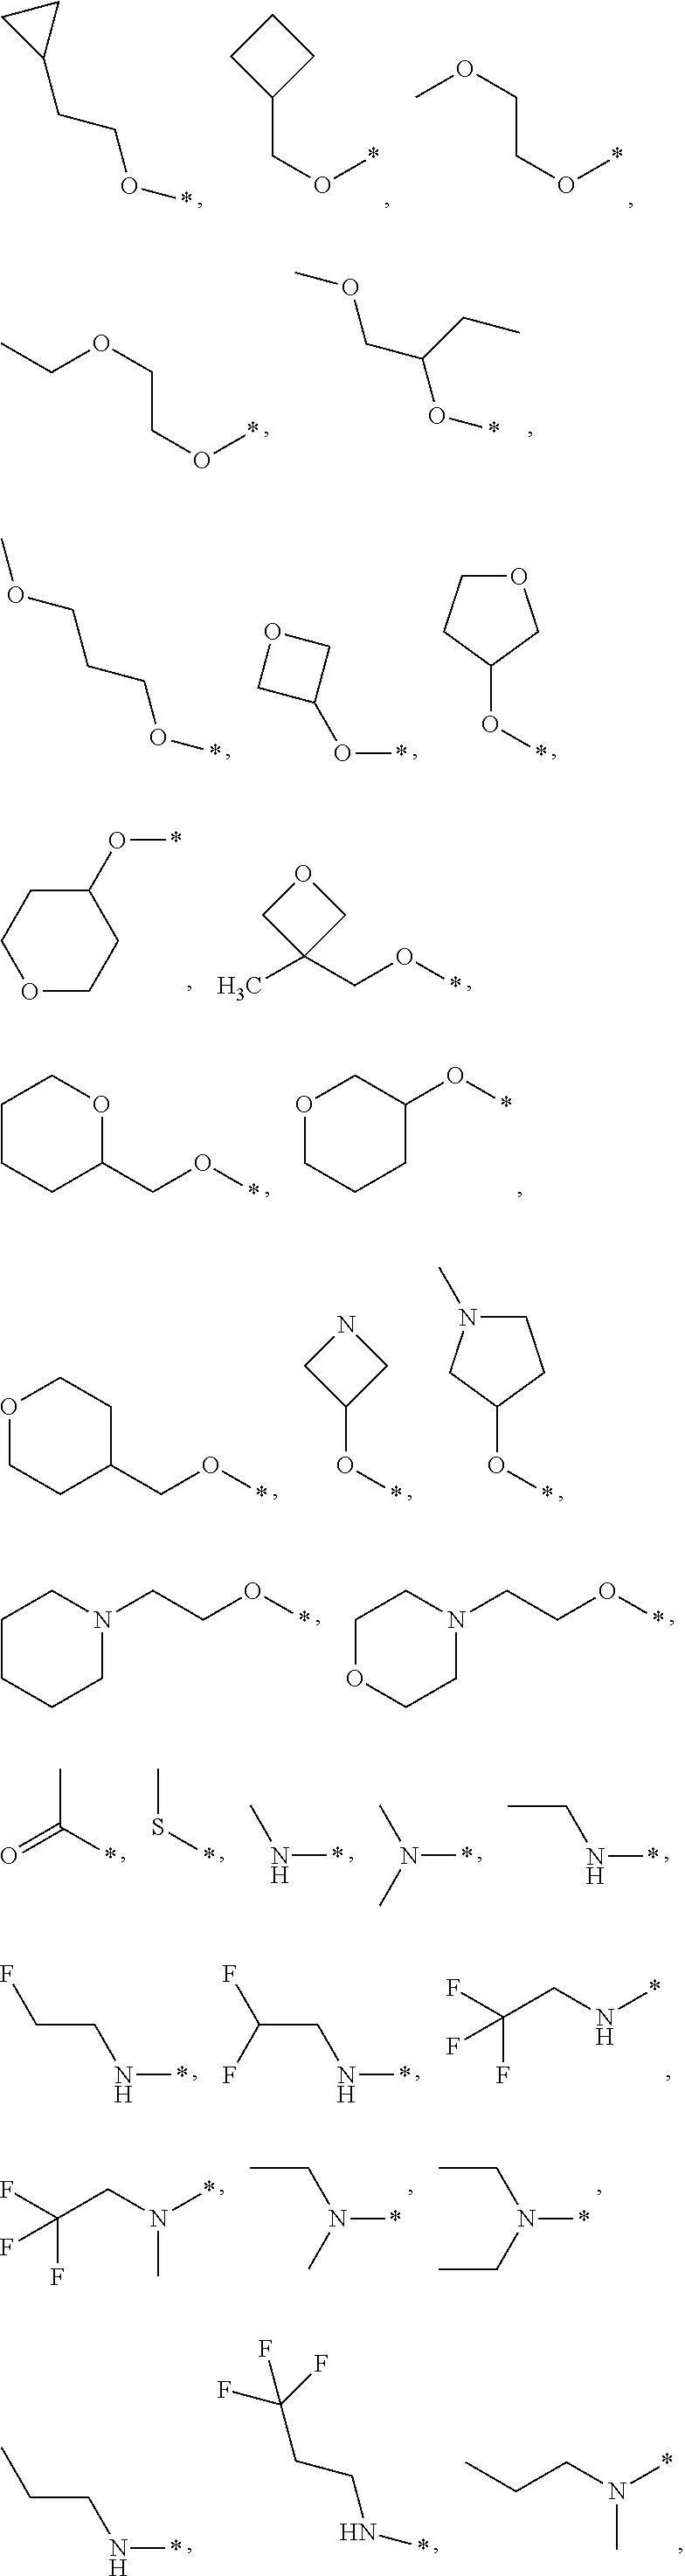 Figure US08835472-20140916-C00016